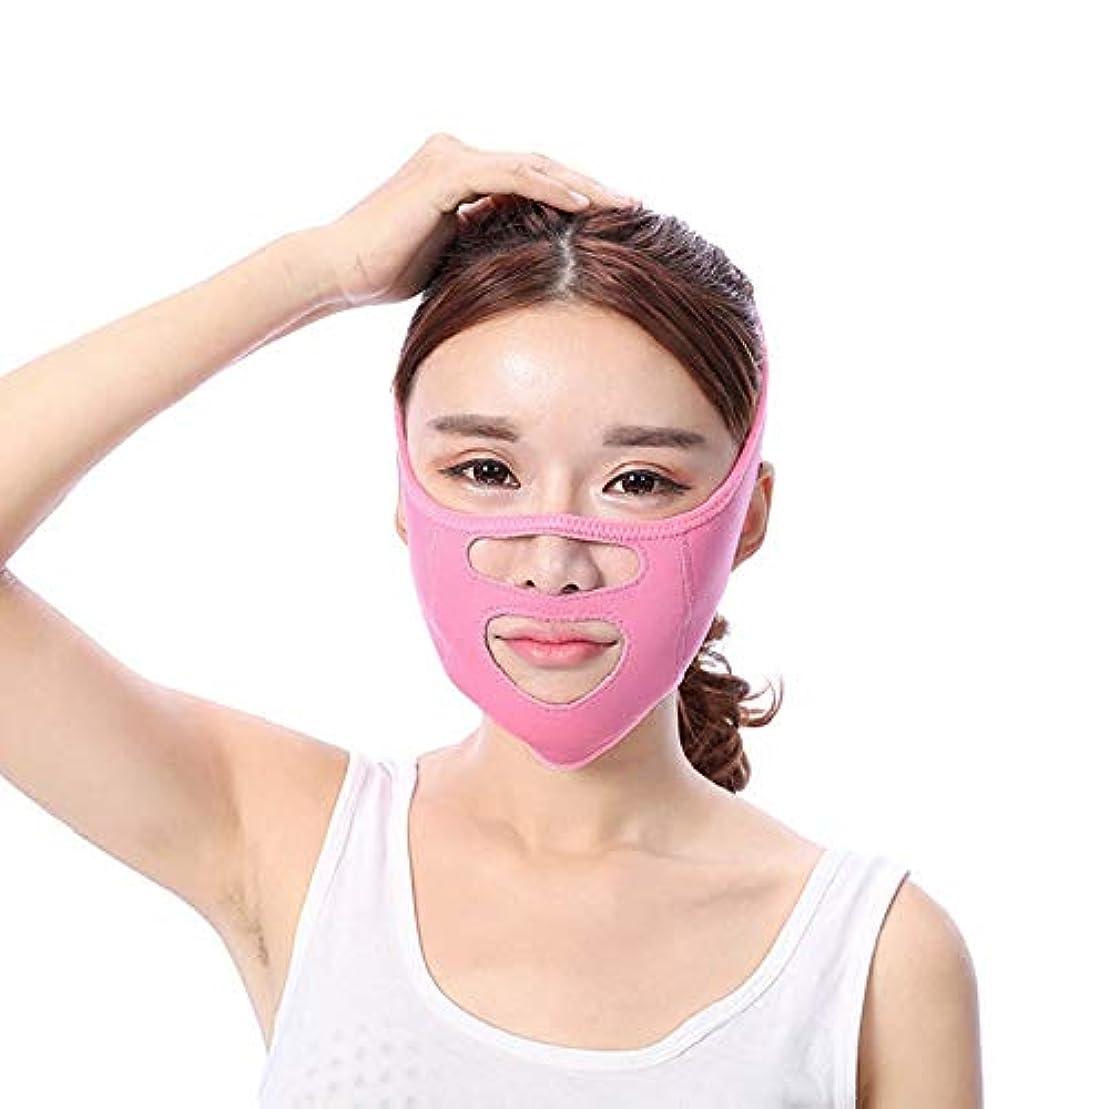 崇拝します両方感覚フェイスリフトベルトフェイスバンデージ美容機器リフティングファインディングダブルチン法令Vマスク睡眠マスク通気性